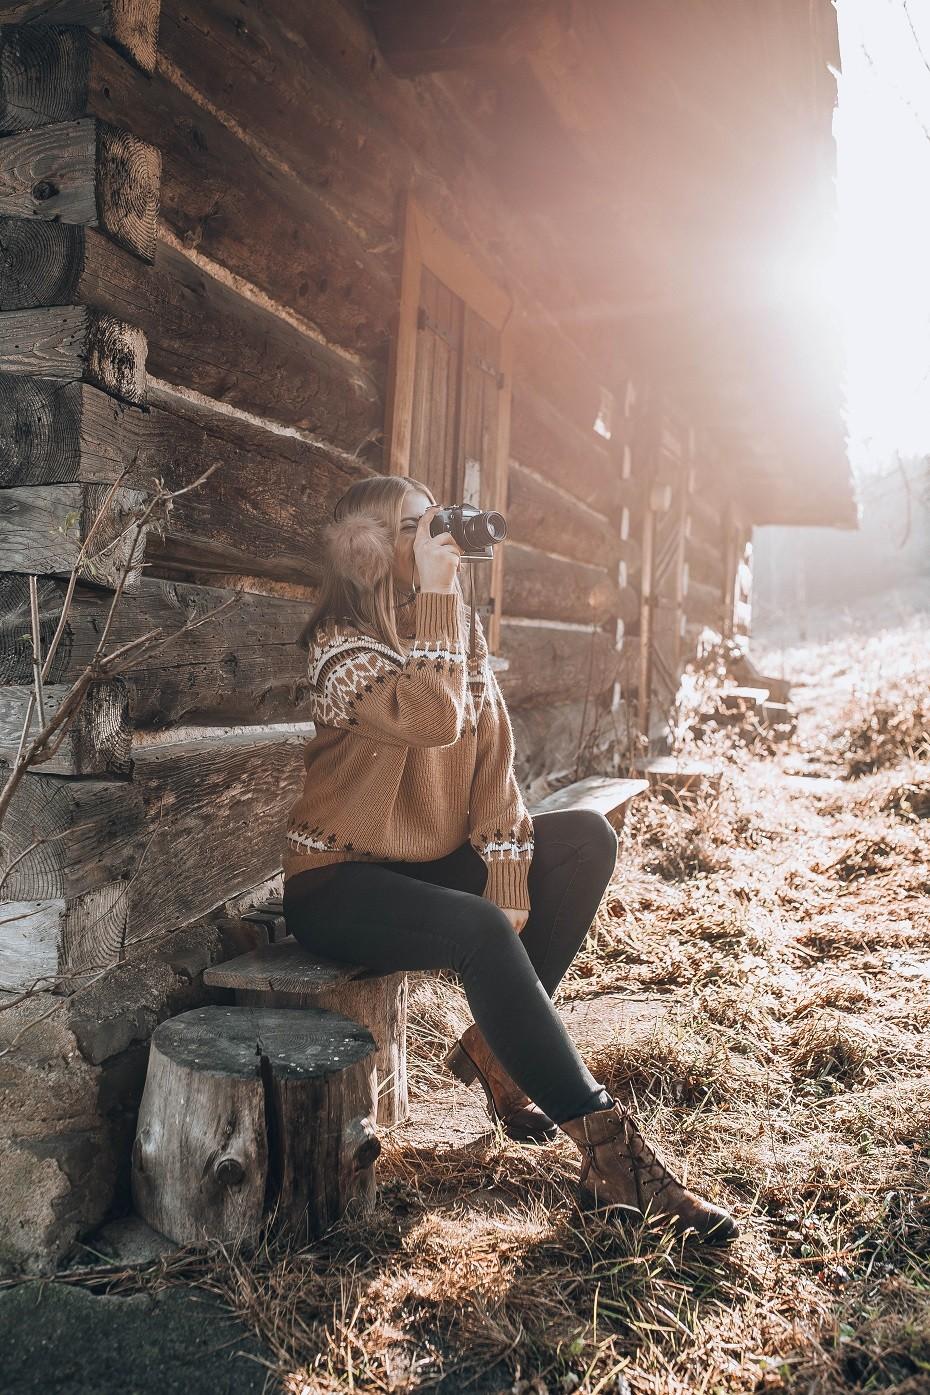 Zdjęcia w Beskidzie Śląskim